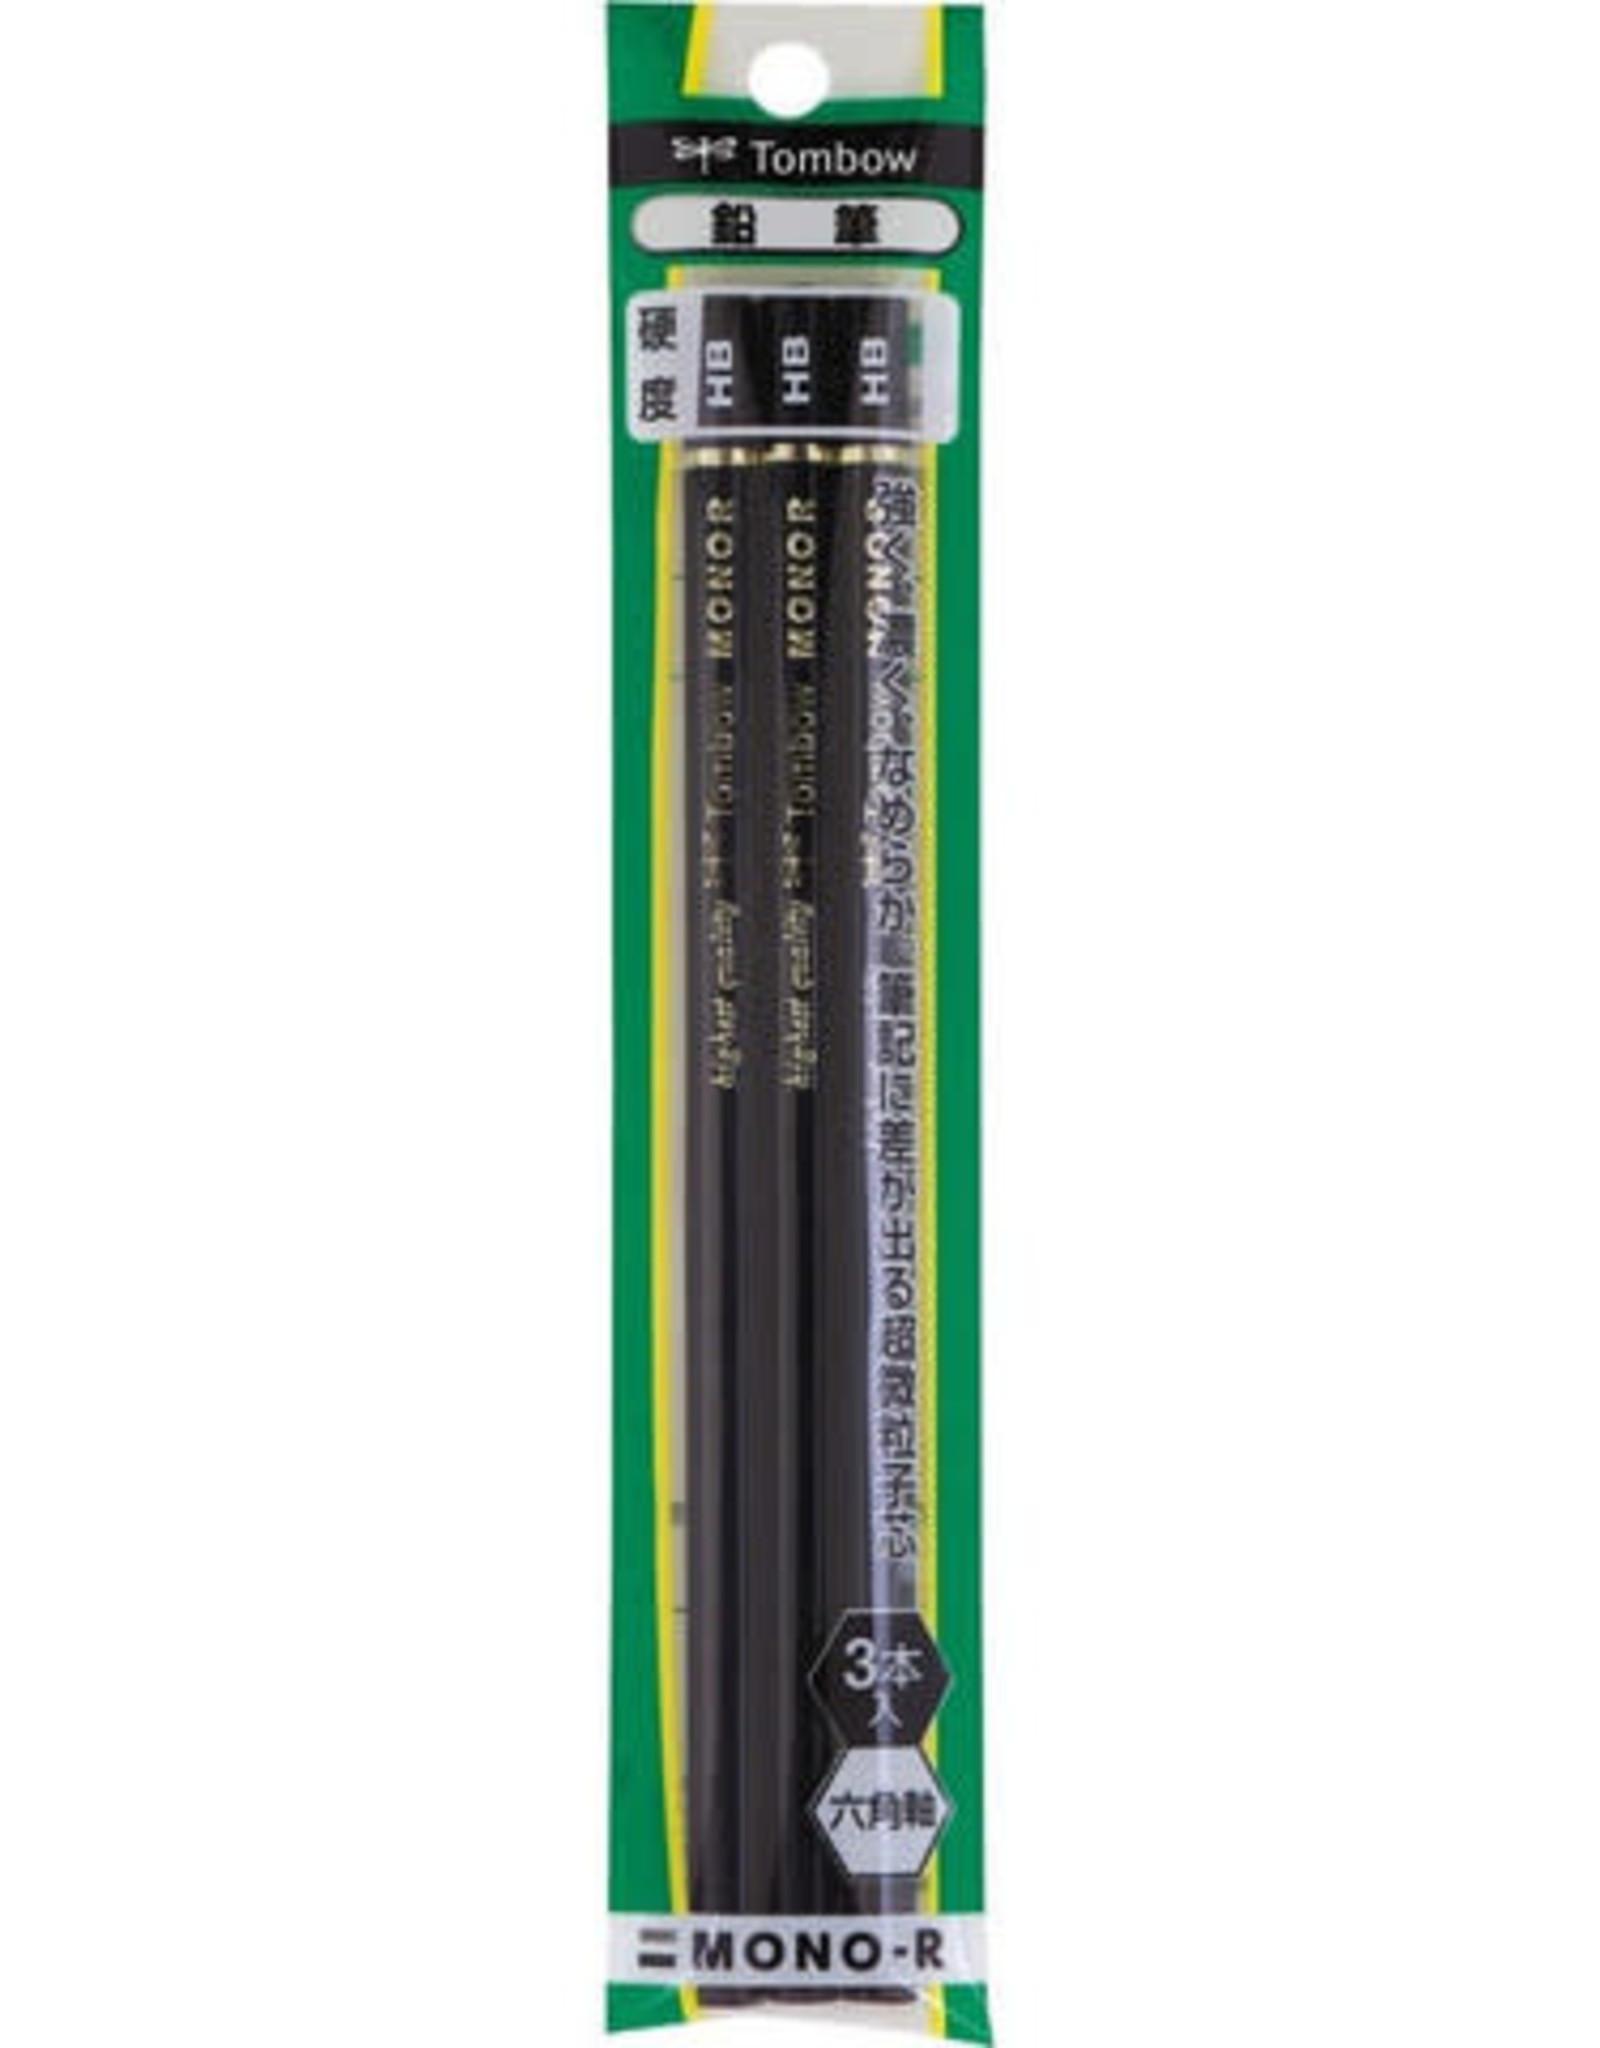 Tombow Mono HB Pencil 3 pcs